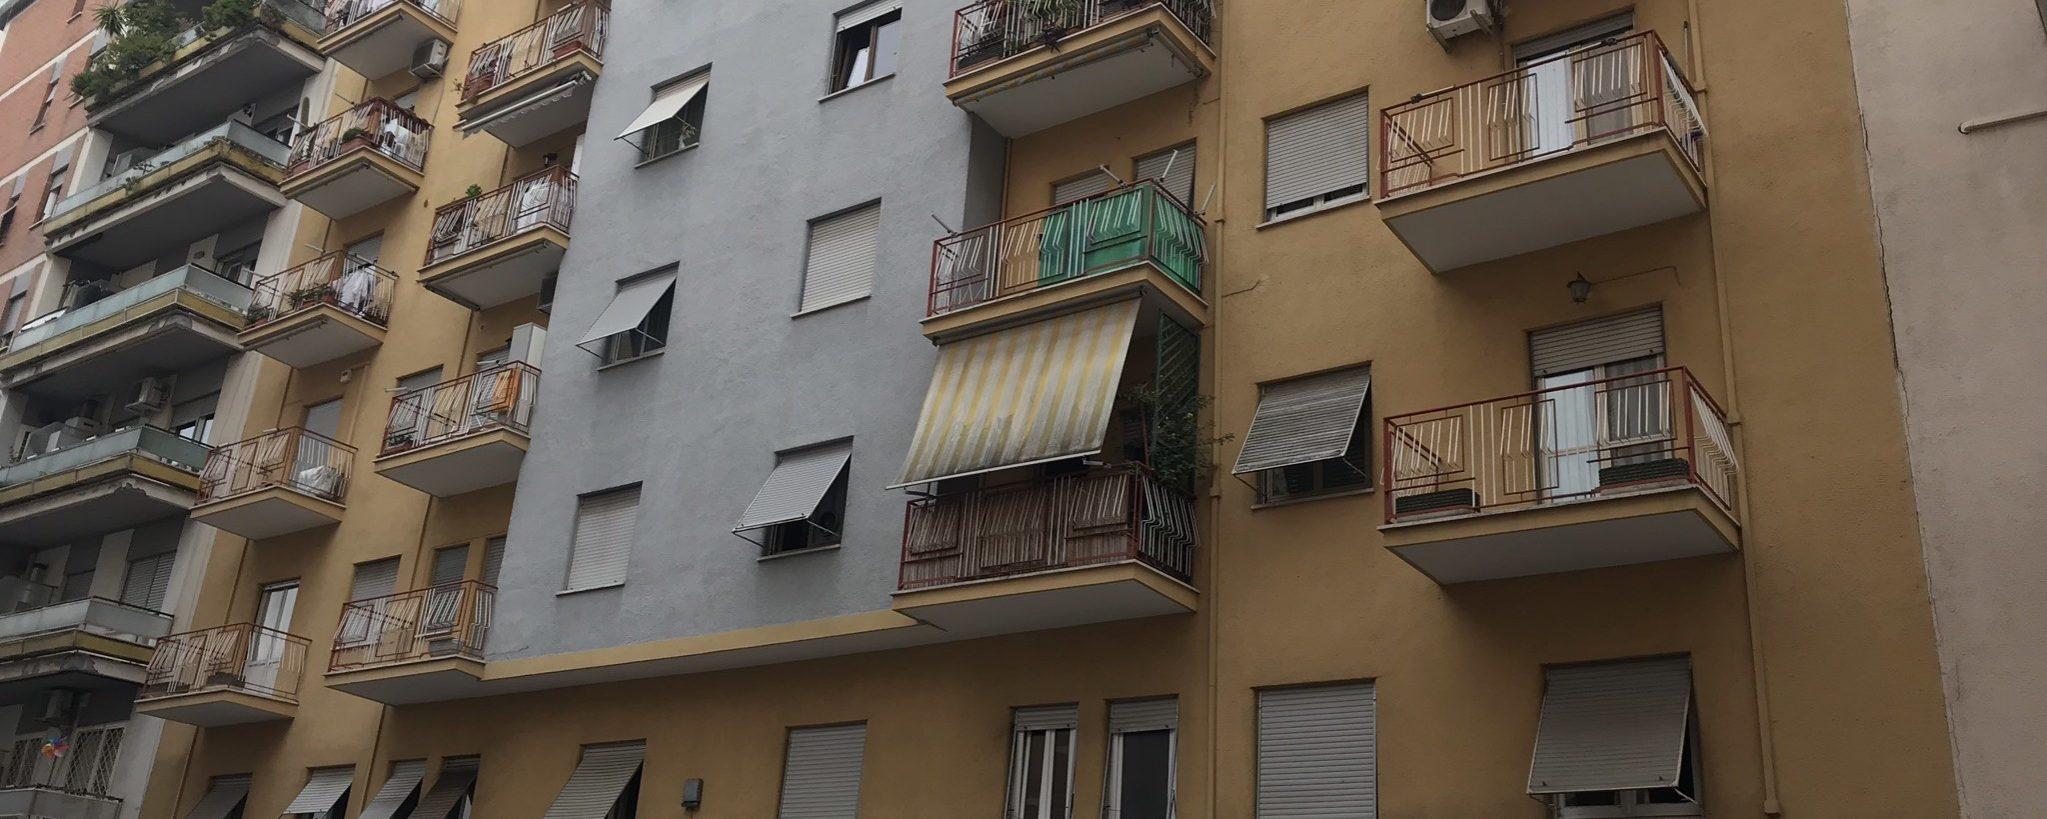 Riforma regole condominiali nuova normativa del condominio for Regole di condominio